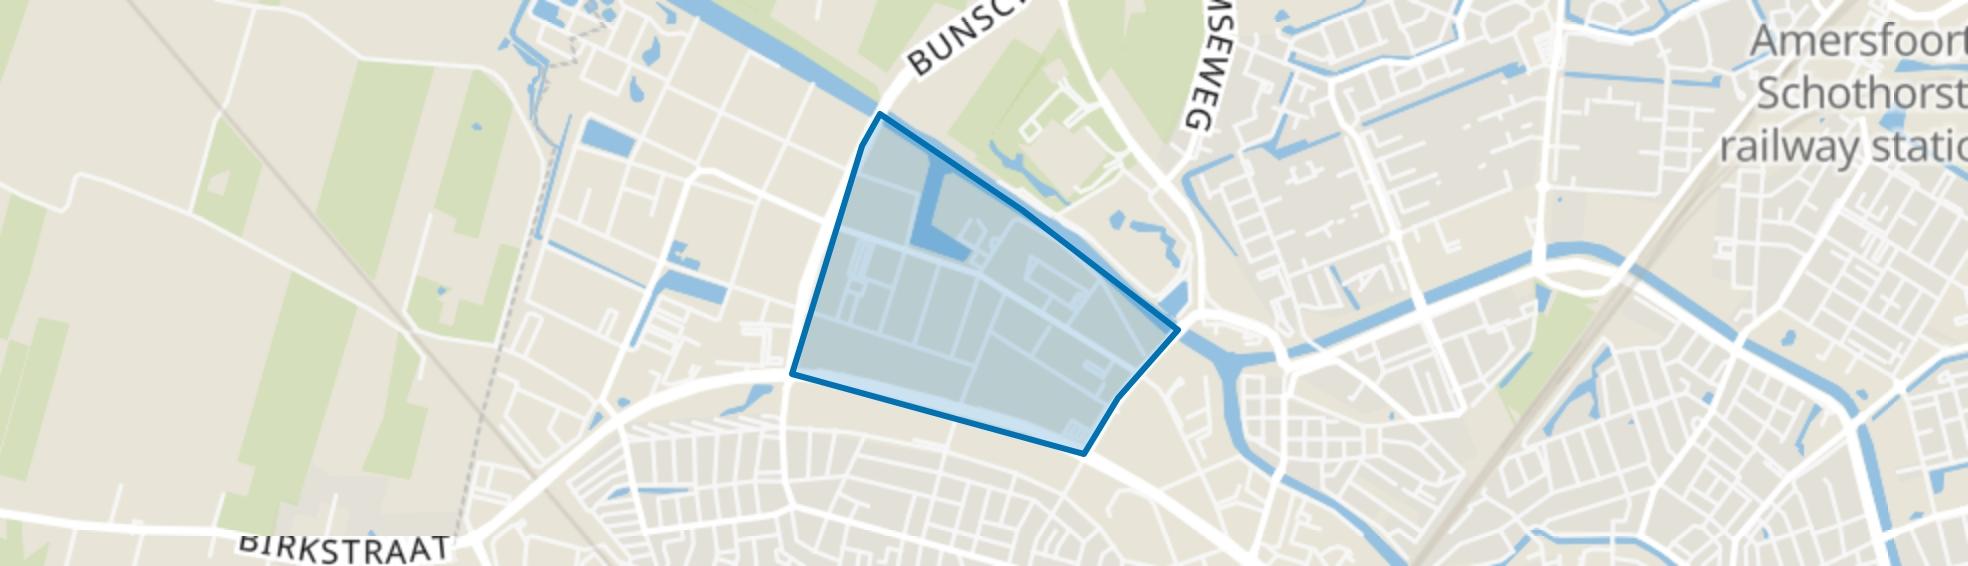 Chromiumweg, Amersfoort map